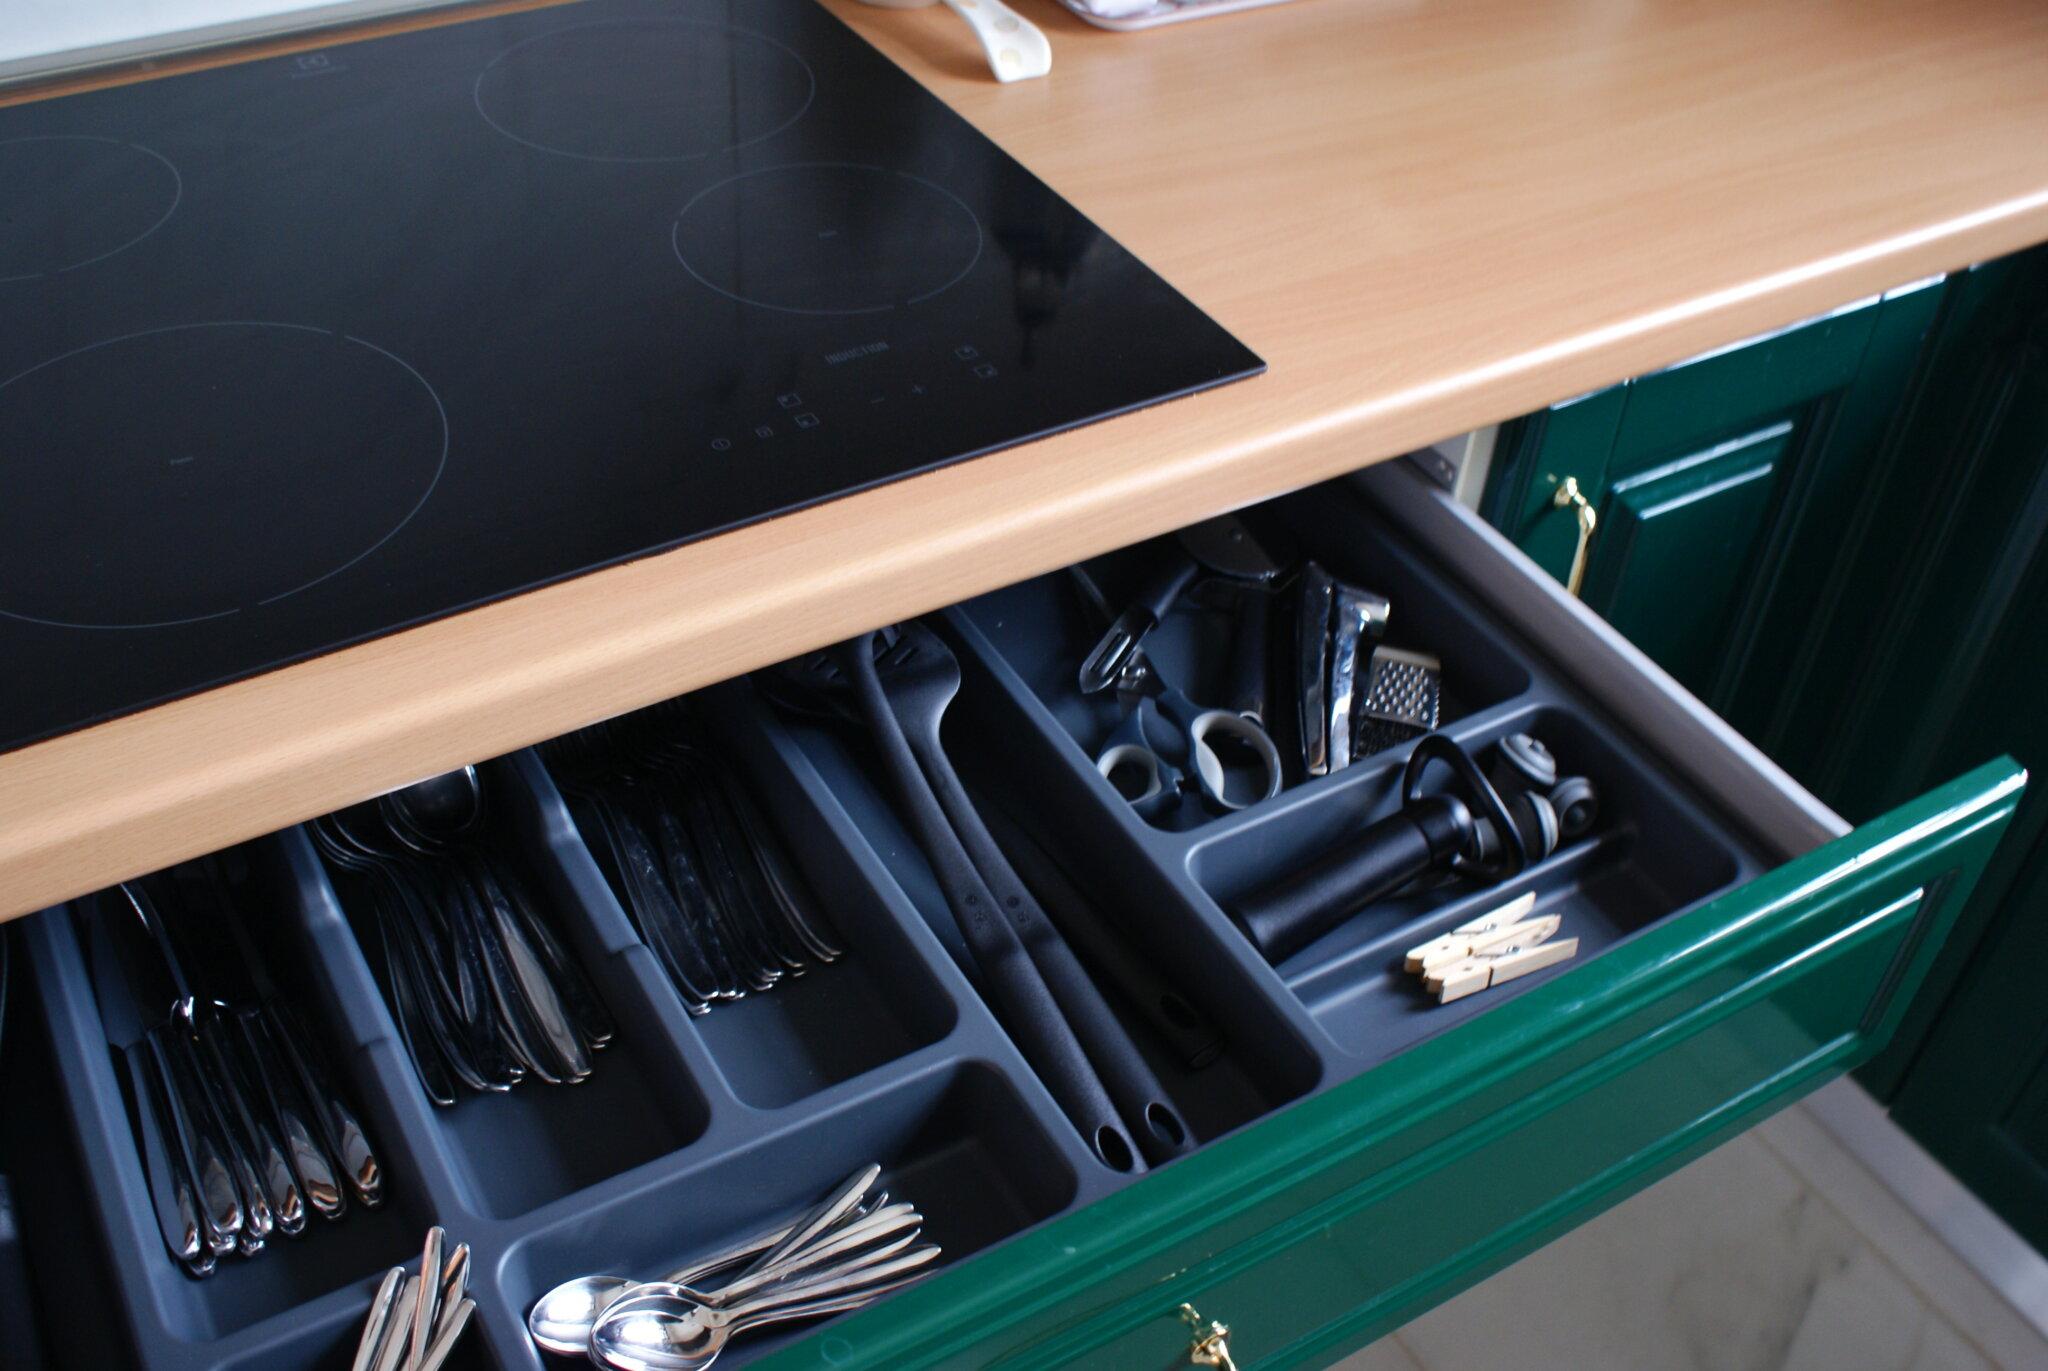 how declutter organize kitchen minimalist tips ulimate come organizzare riordinare cucina minimalista consigli drawers cassetti